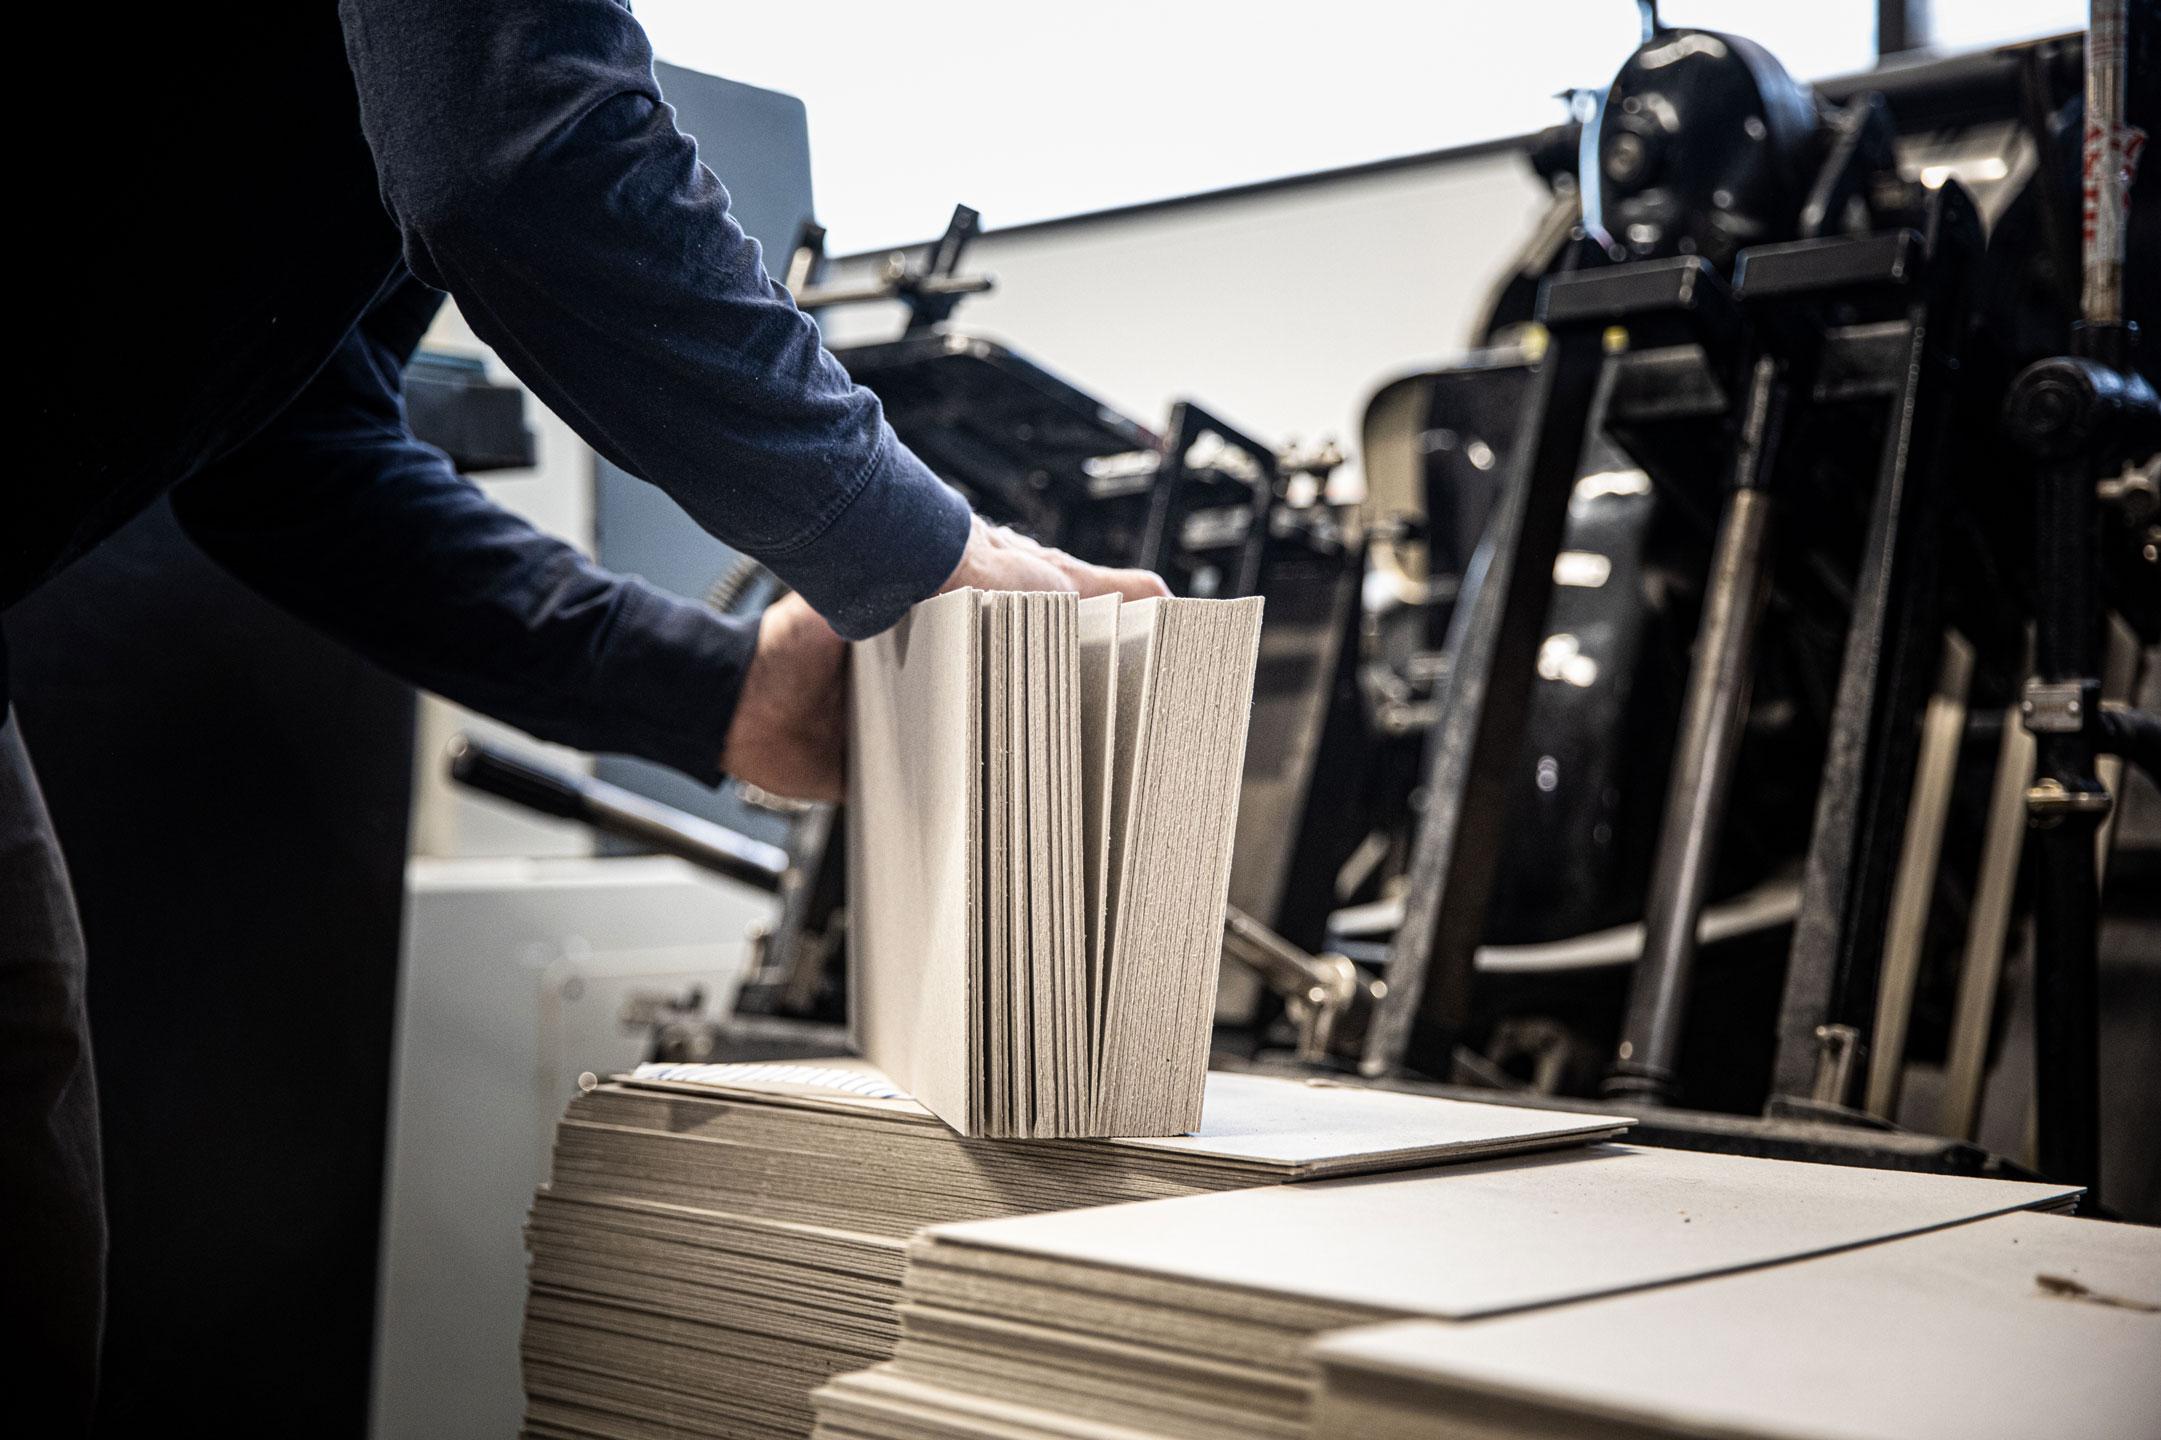 Matériel performant pour imprimer des livres